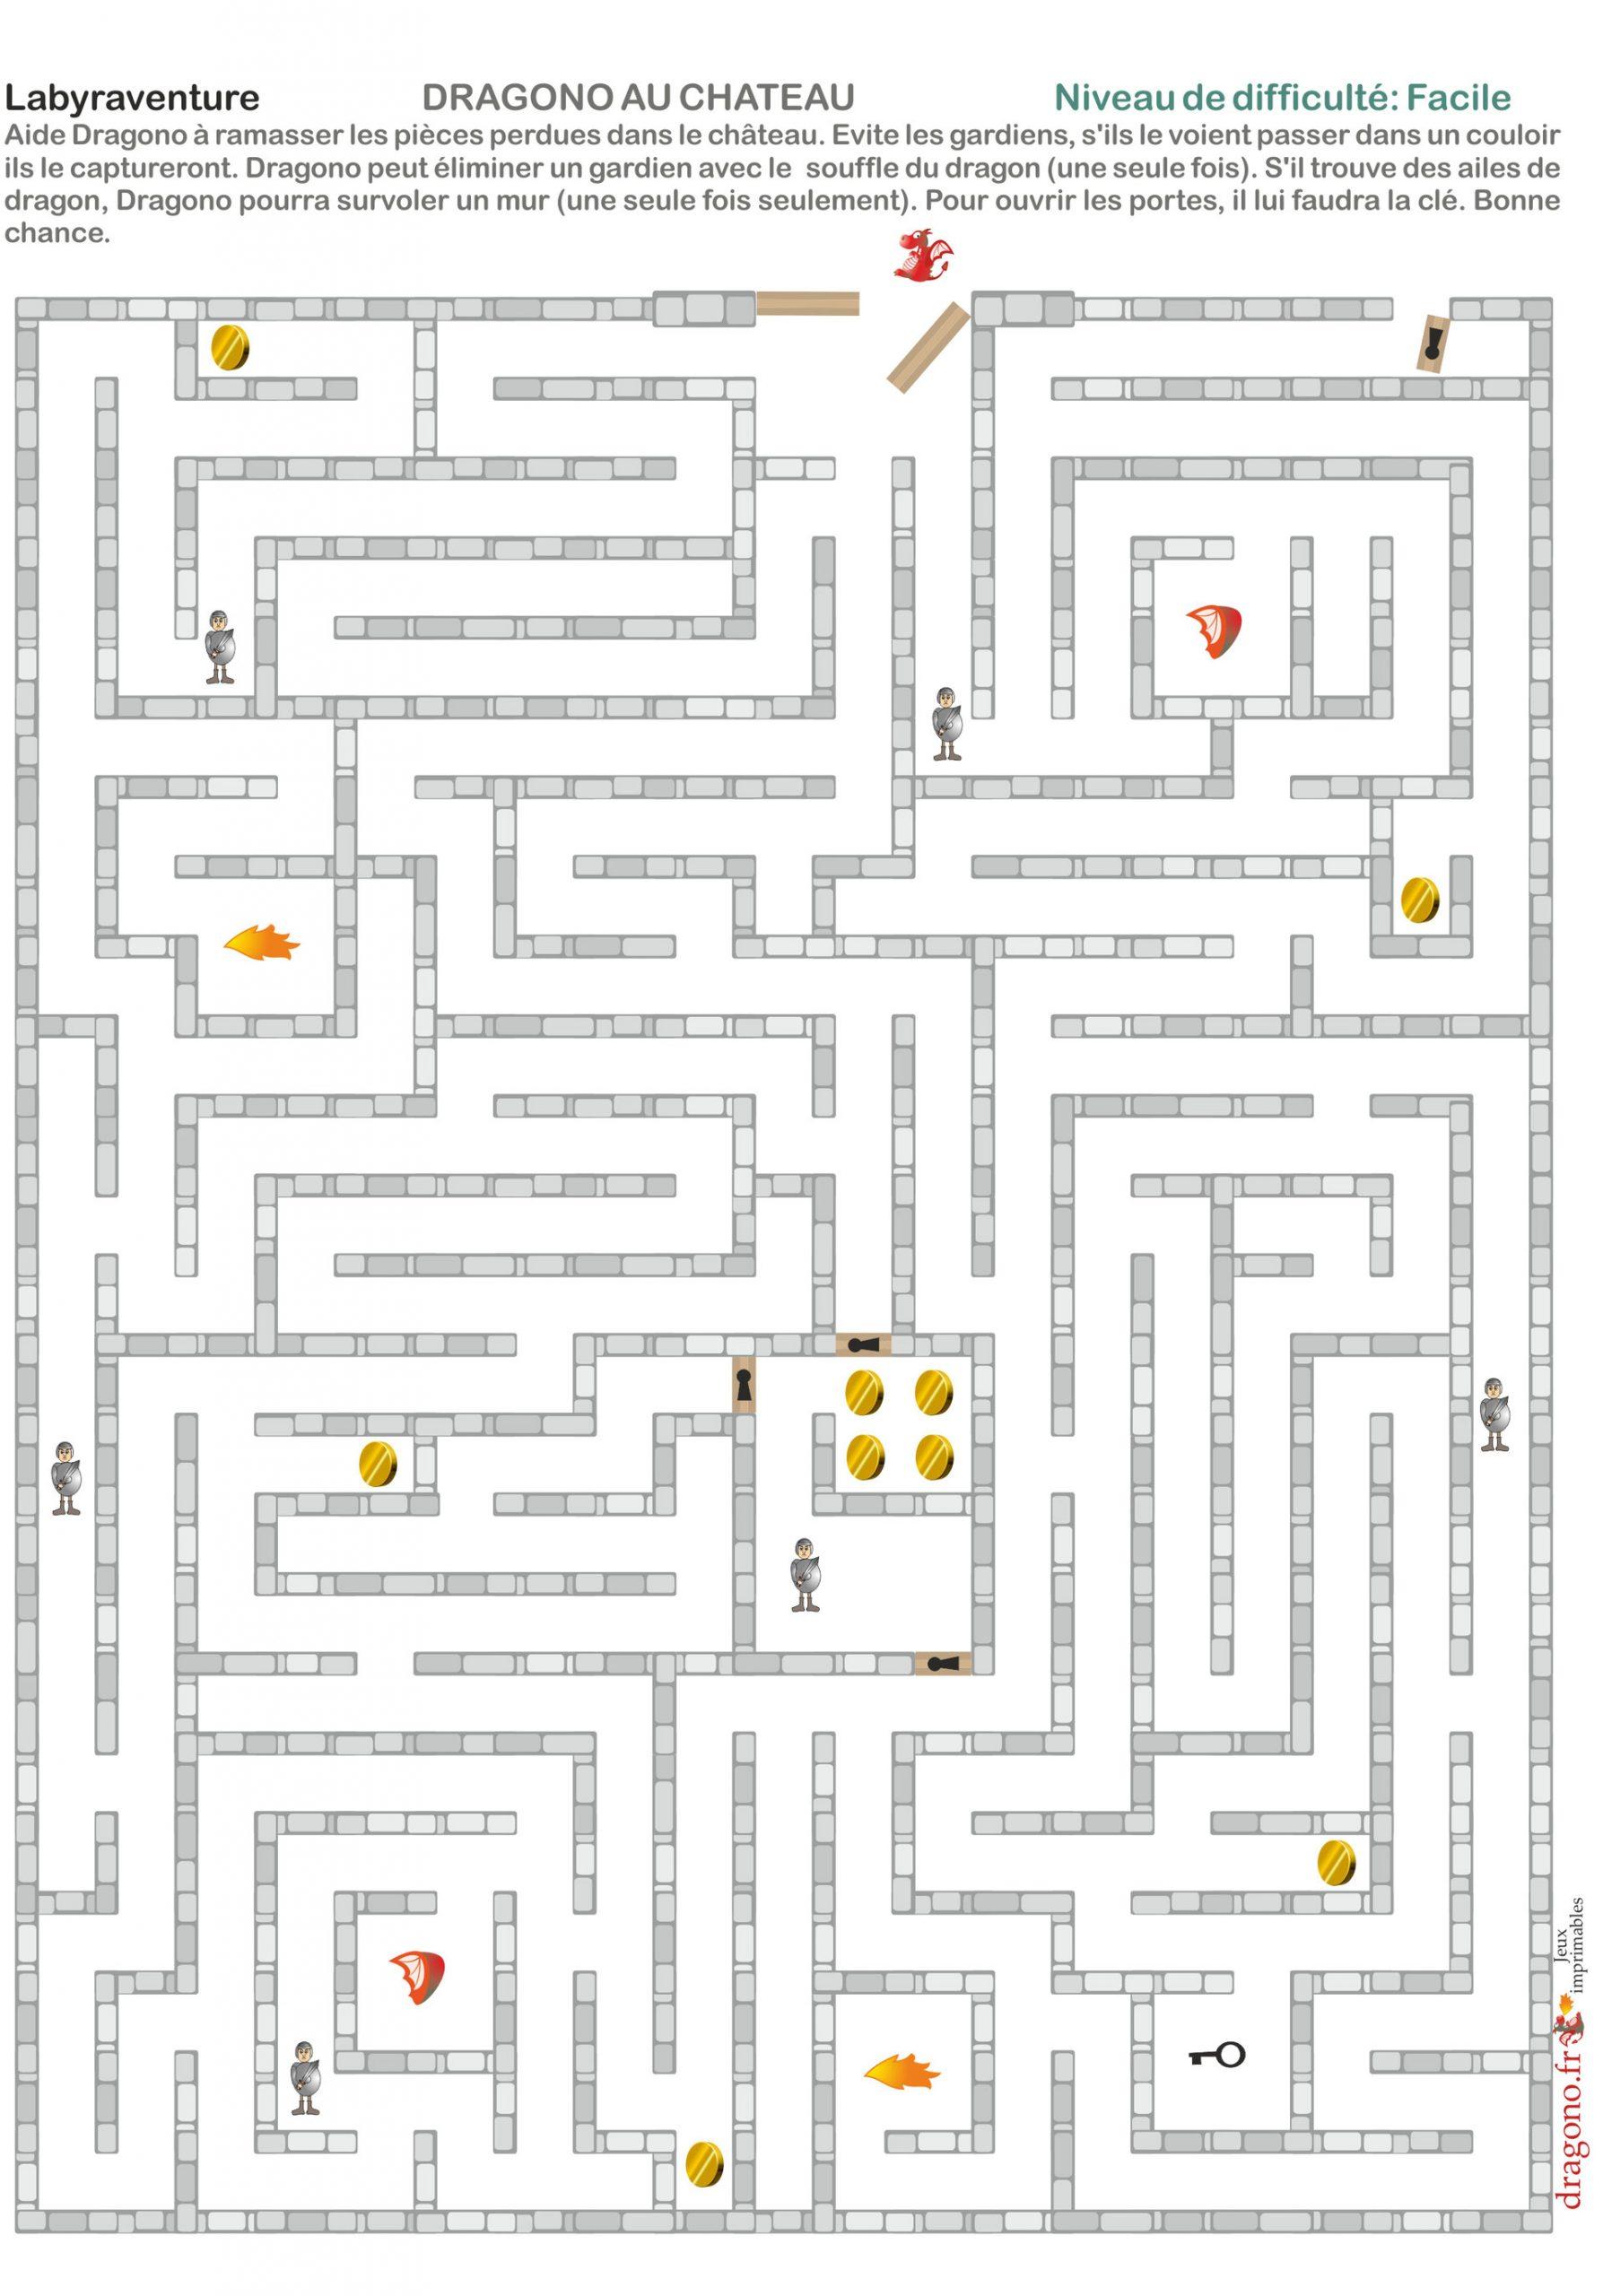 Labyrinthe À Imprimer Médiéval Avec Dragon Et Château dedans Labyrinthe Difficile